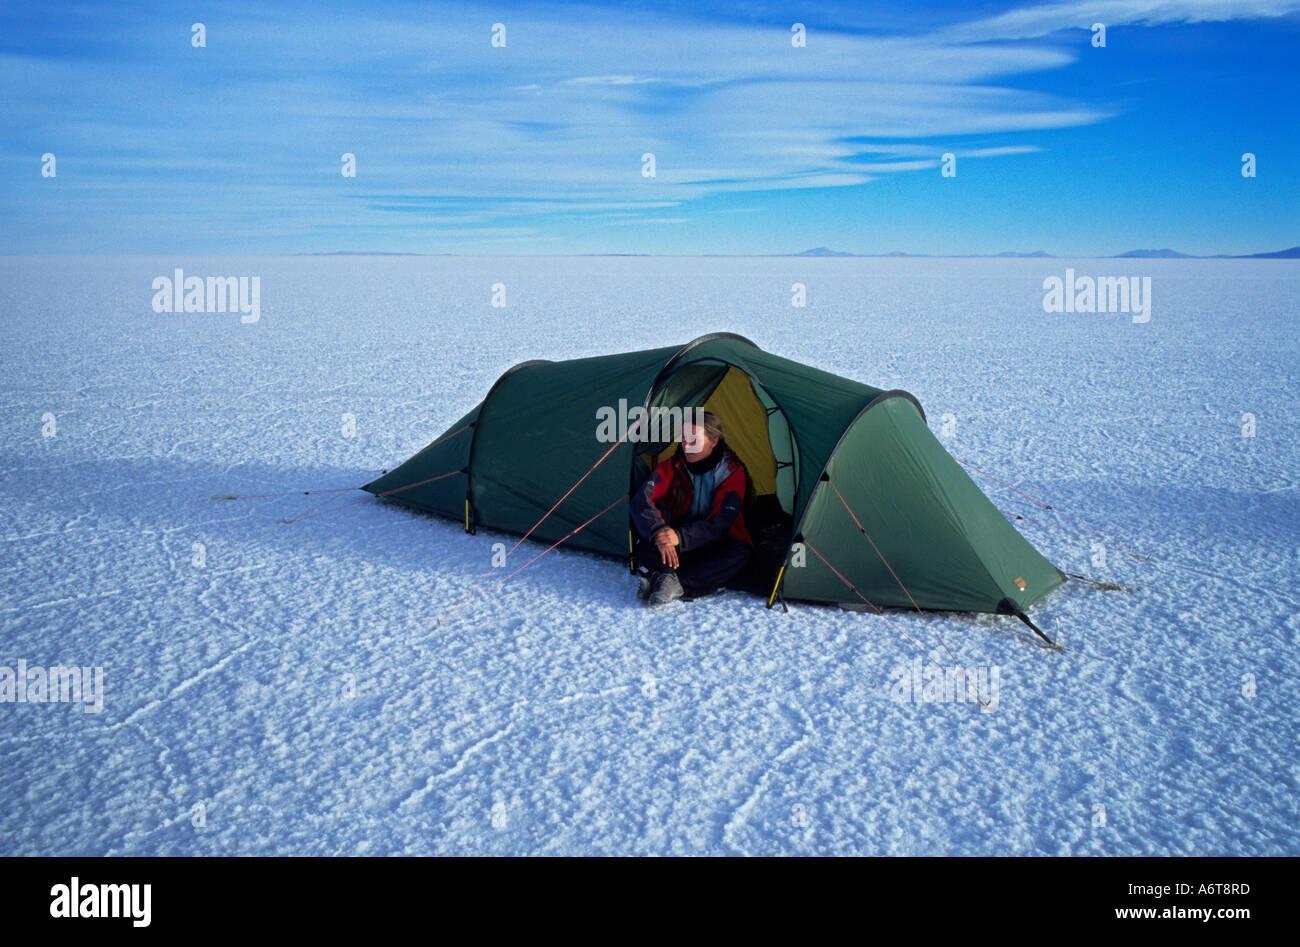 Femme assise seule dans la tente avec vaste étendue de Salar de Uyuni sel autour d'elle à 3800 mètres d'altitude en Bolivie Photo Stock